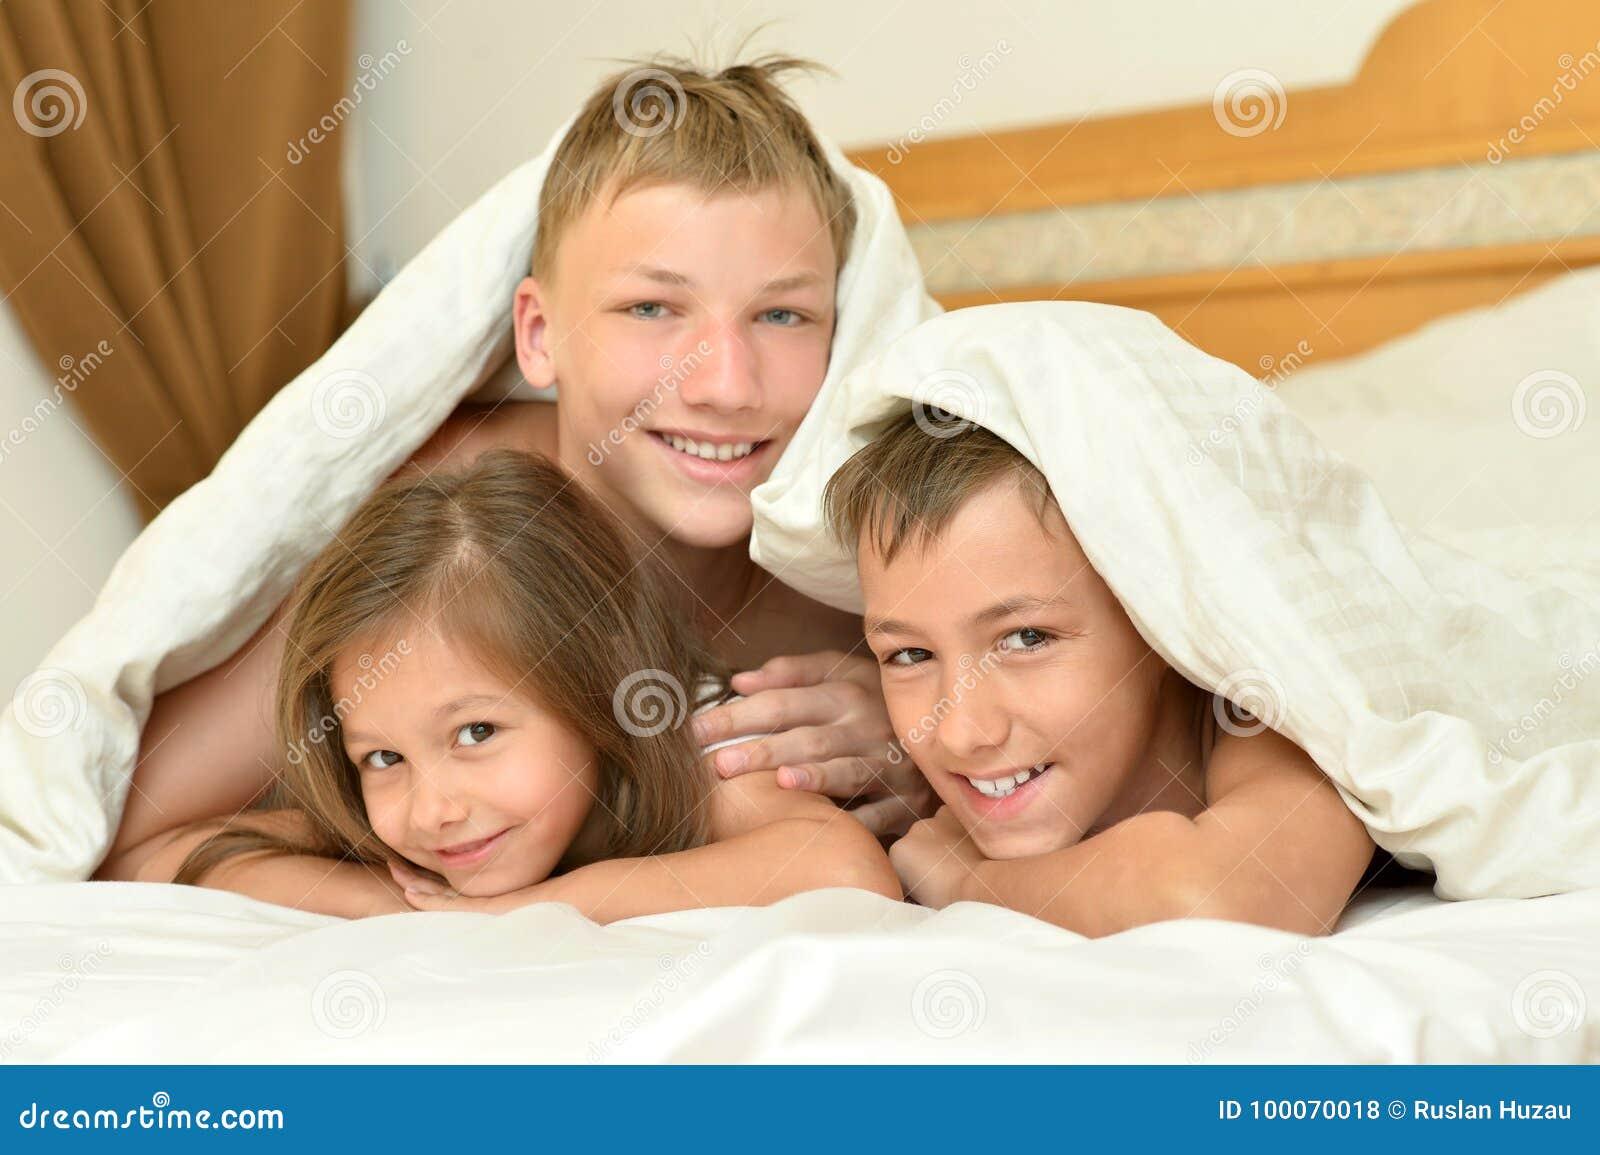 Русское брат кончил в сестру, Брат зашёл к сестре))) смотреть онлайн видео брат 19 фотография